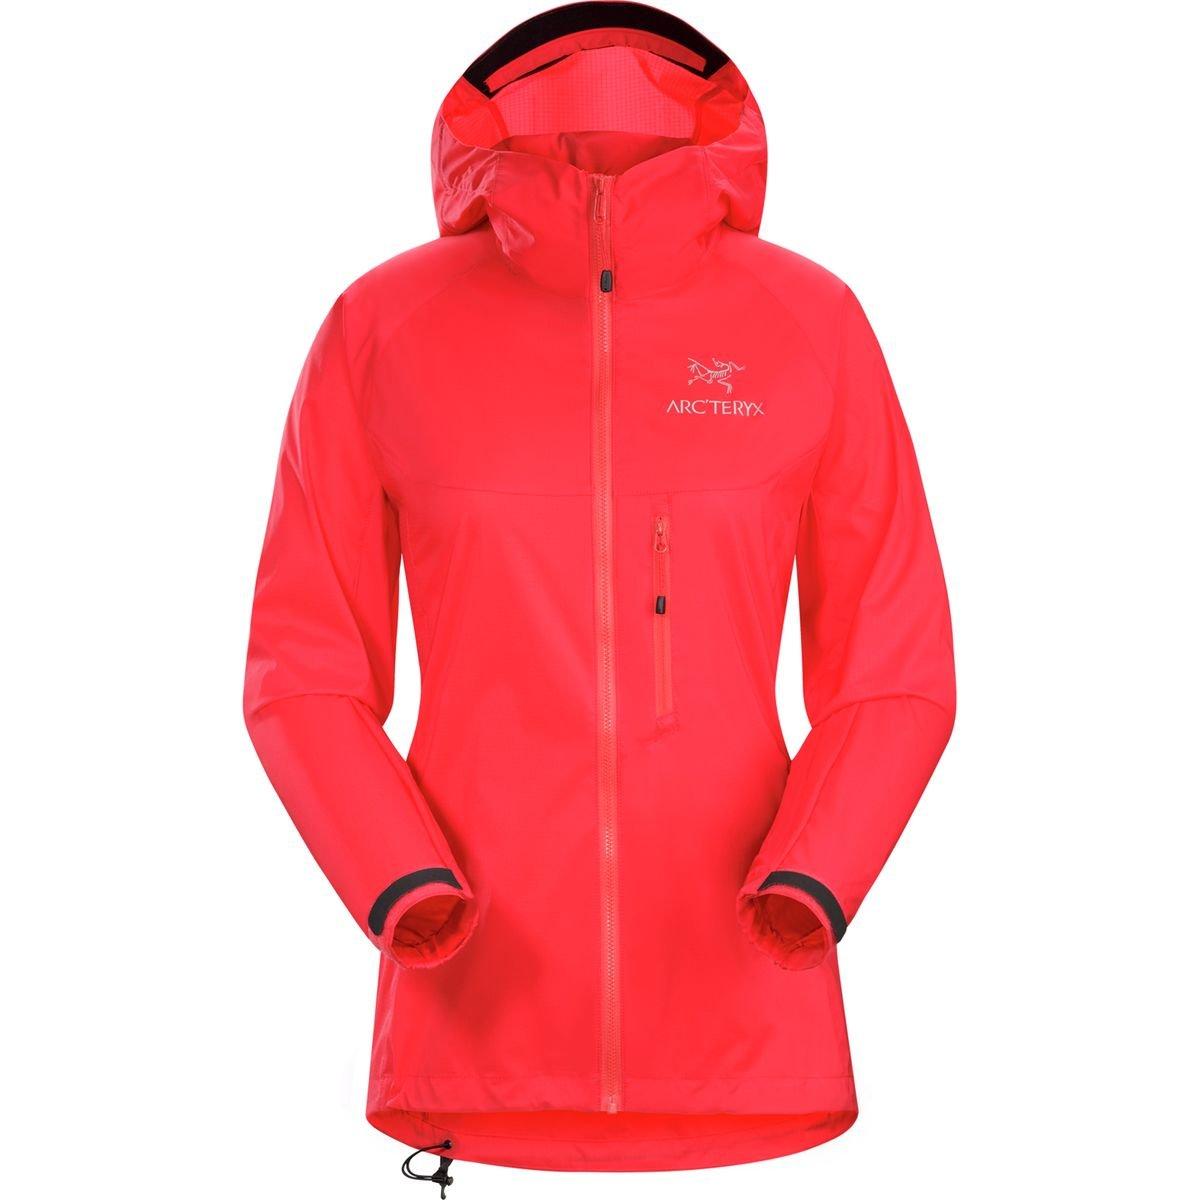 (アークテリクス) Arc'teryx Squamish Hooded Jacket レディース ジャケットRad [並行輸入品] B077N7JF8F Rad L